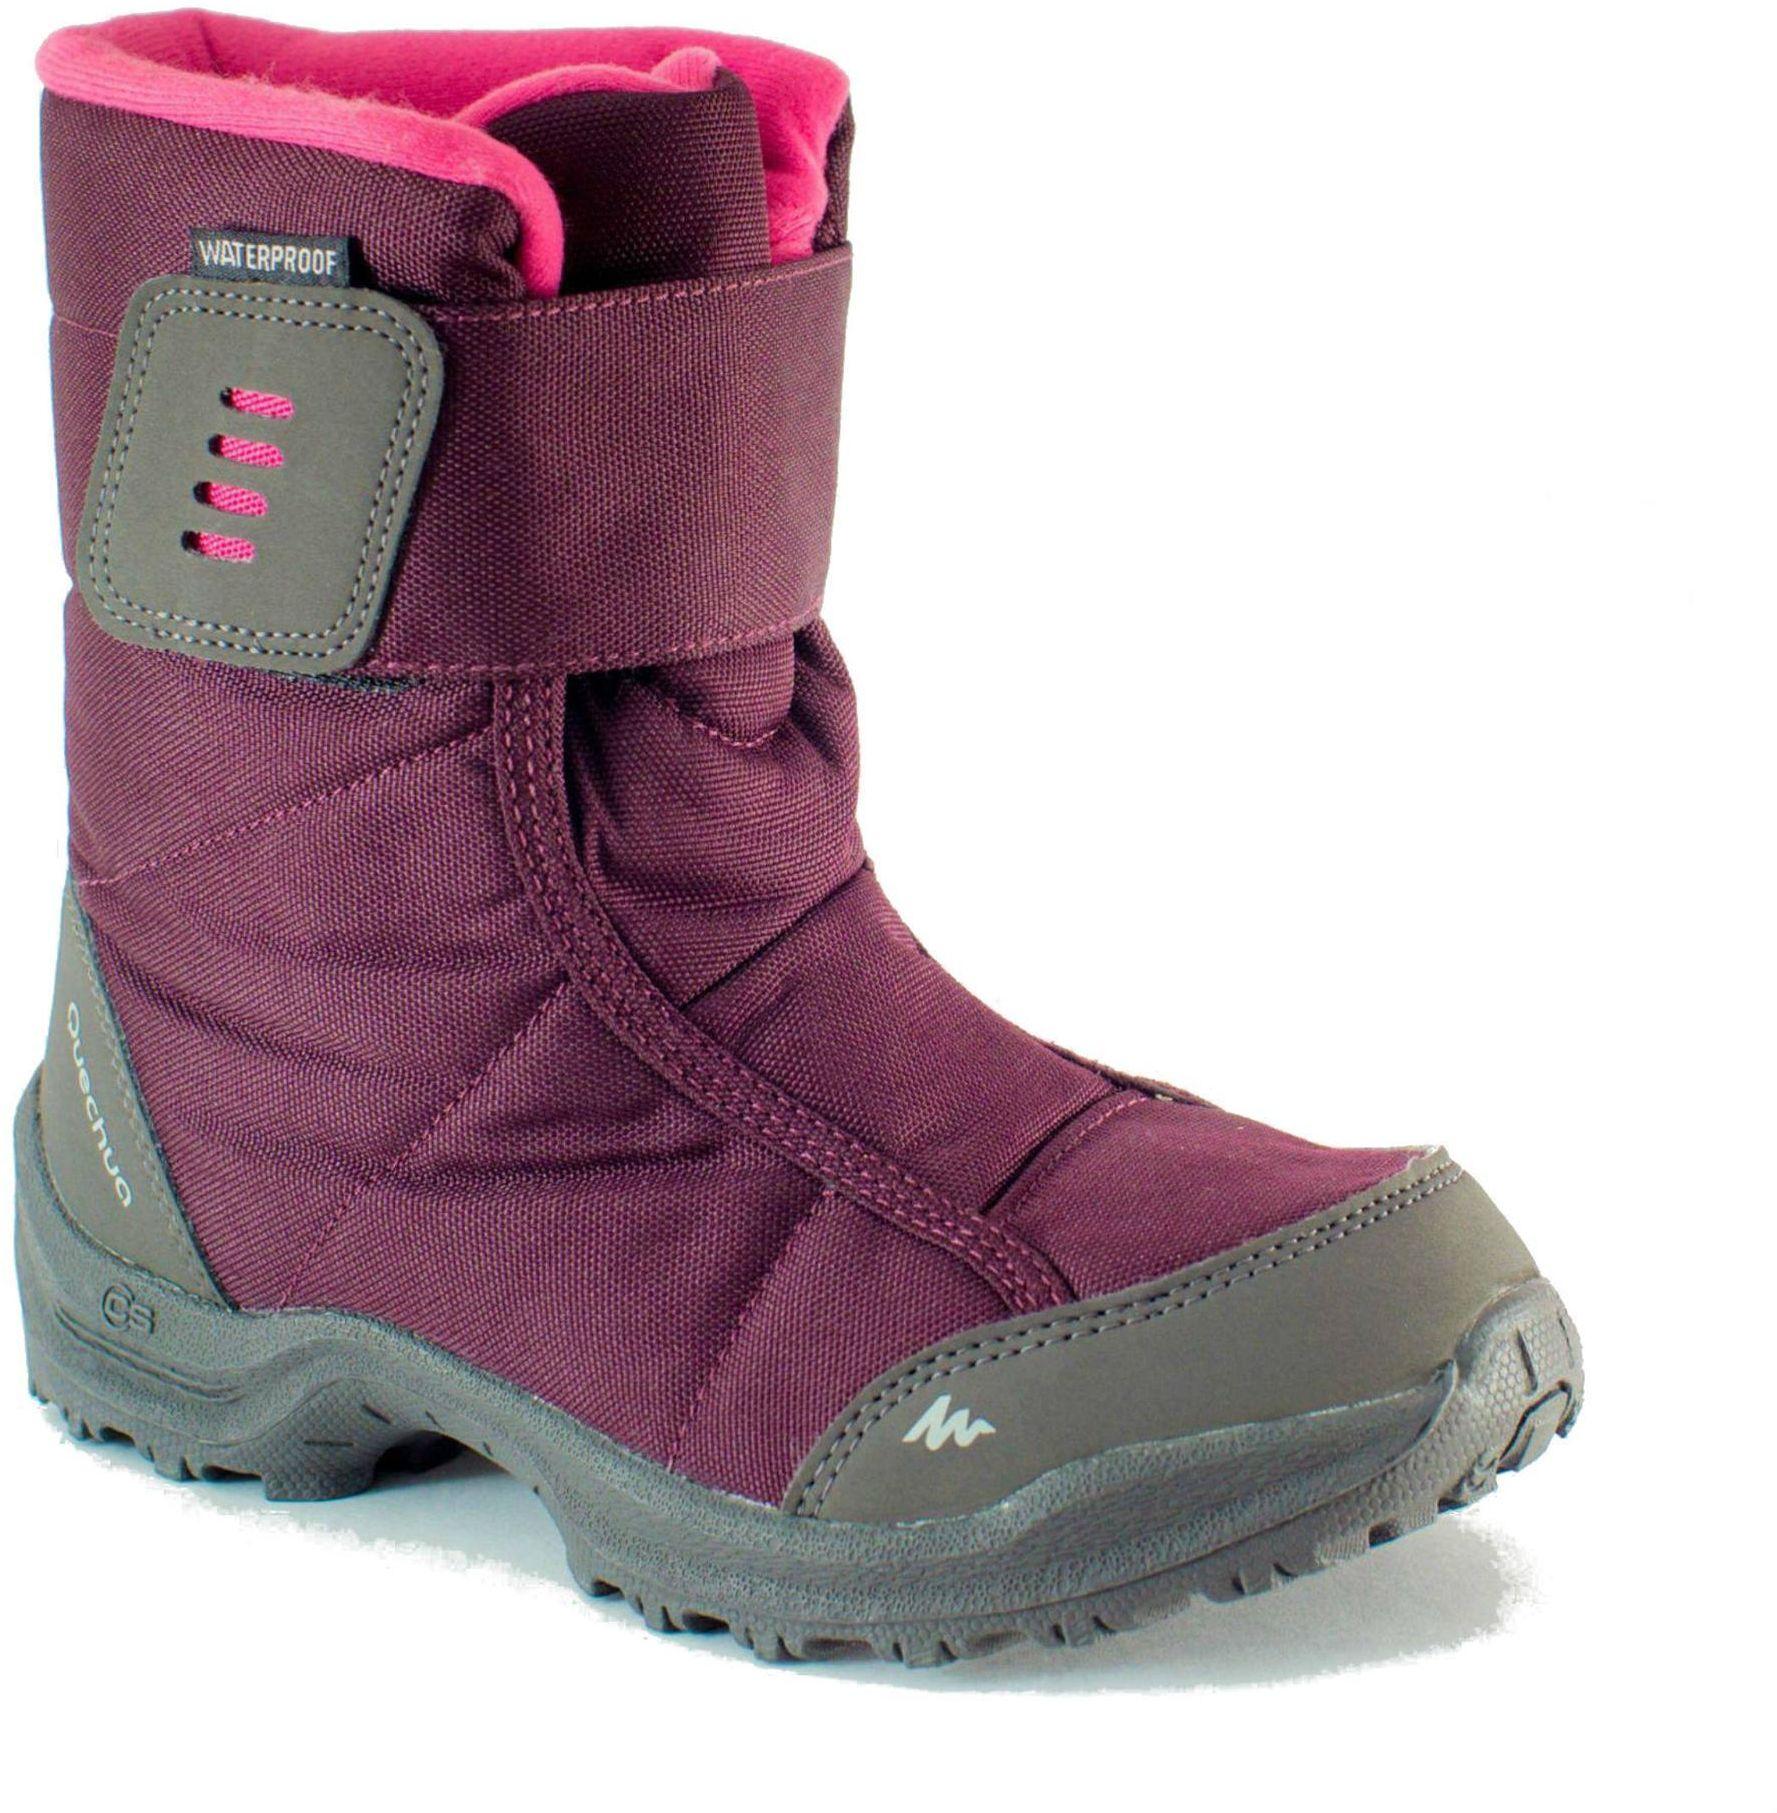 Buty turystyczne śniegowce - SH100 X-WARM - dla dzieci